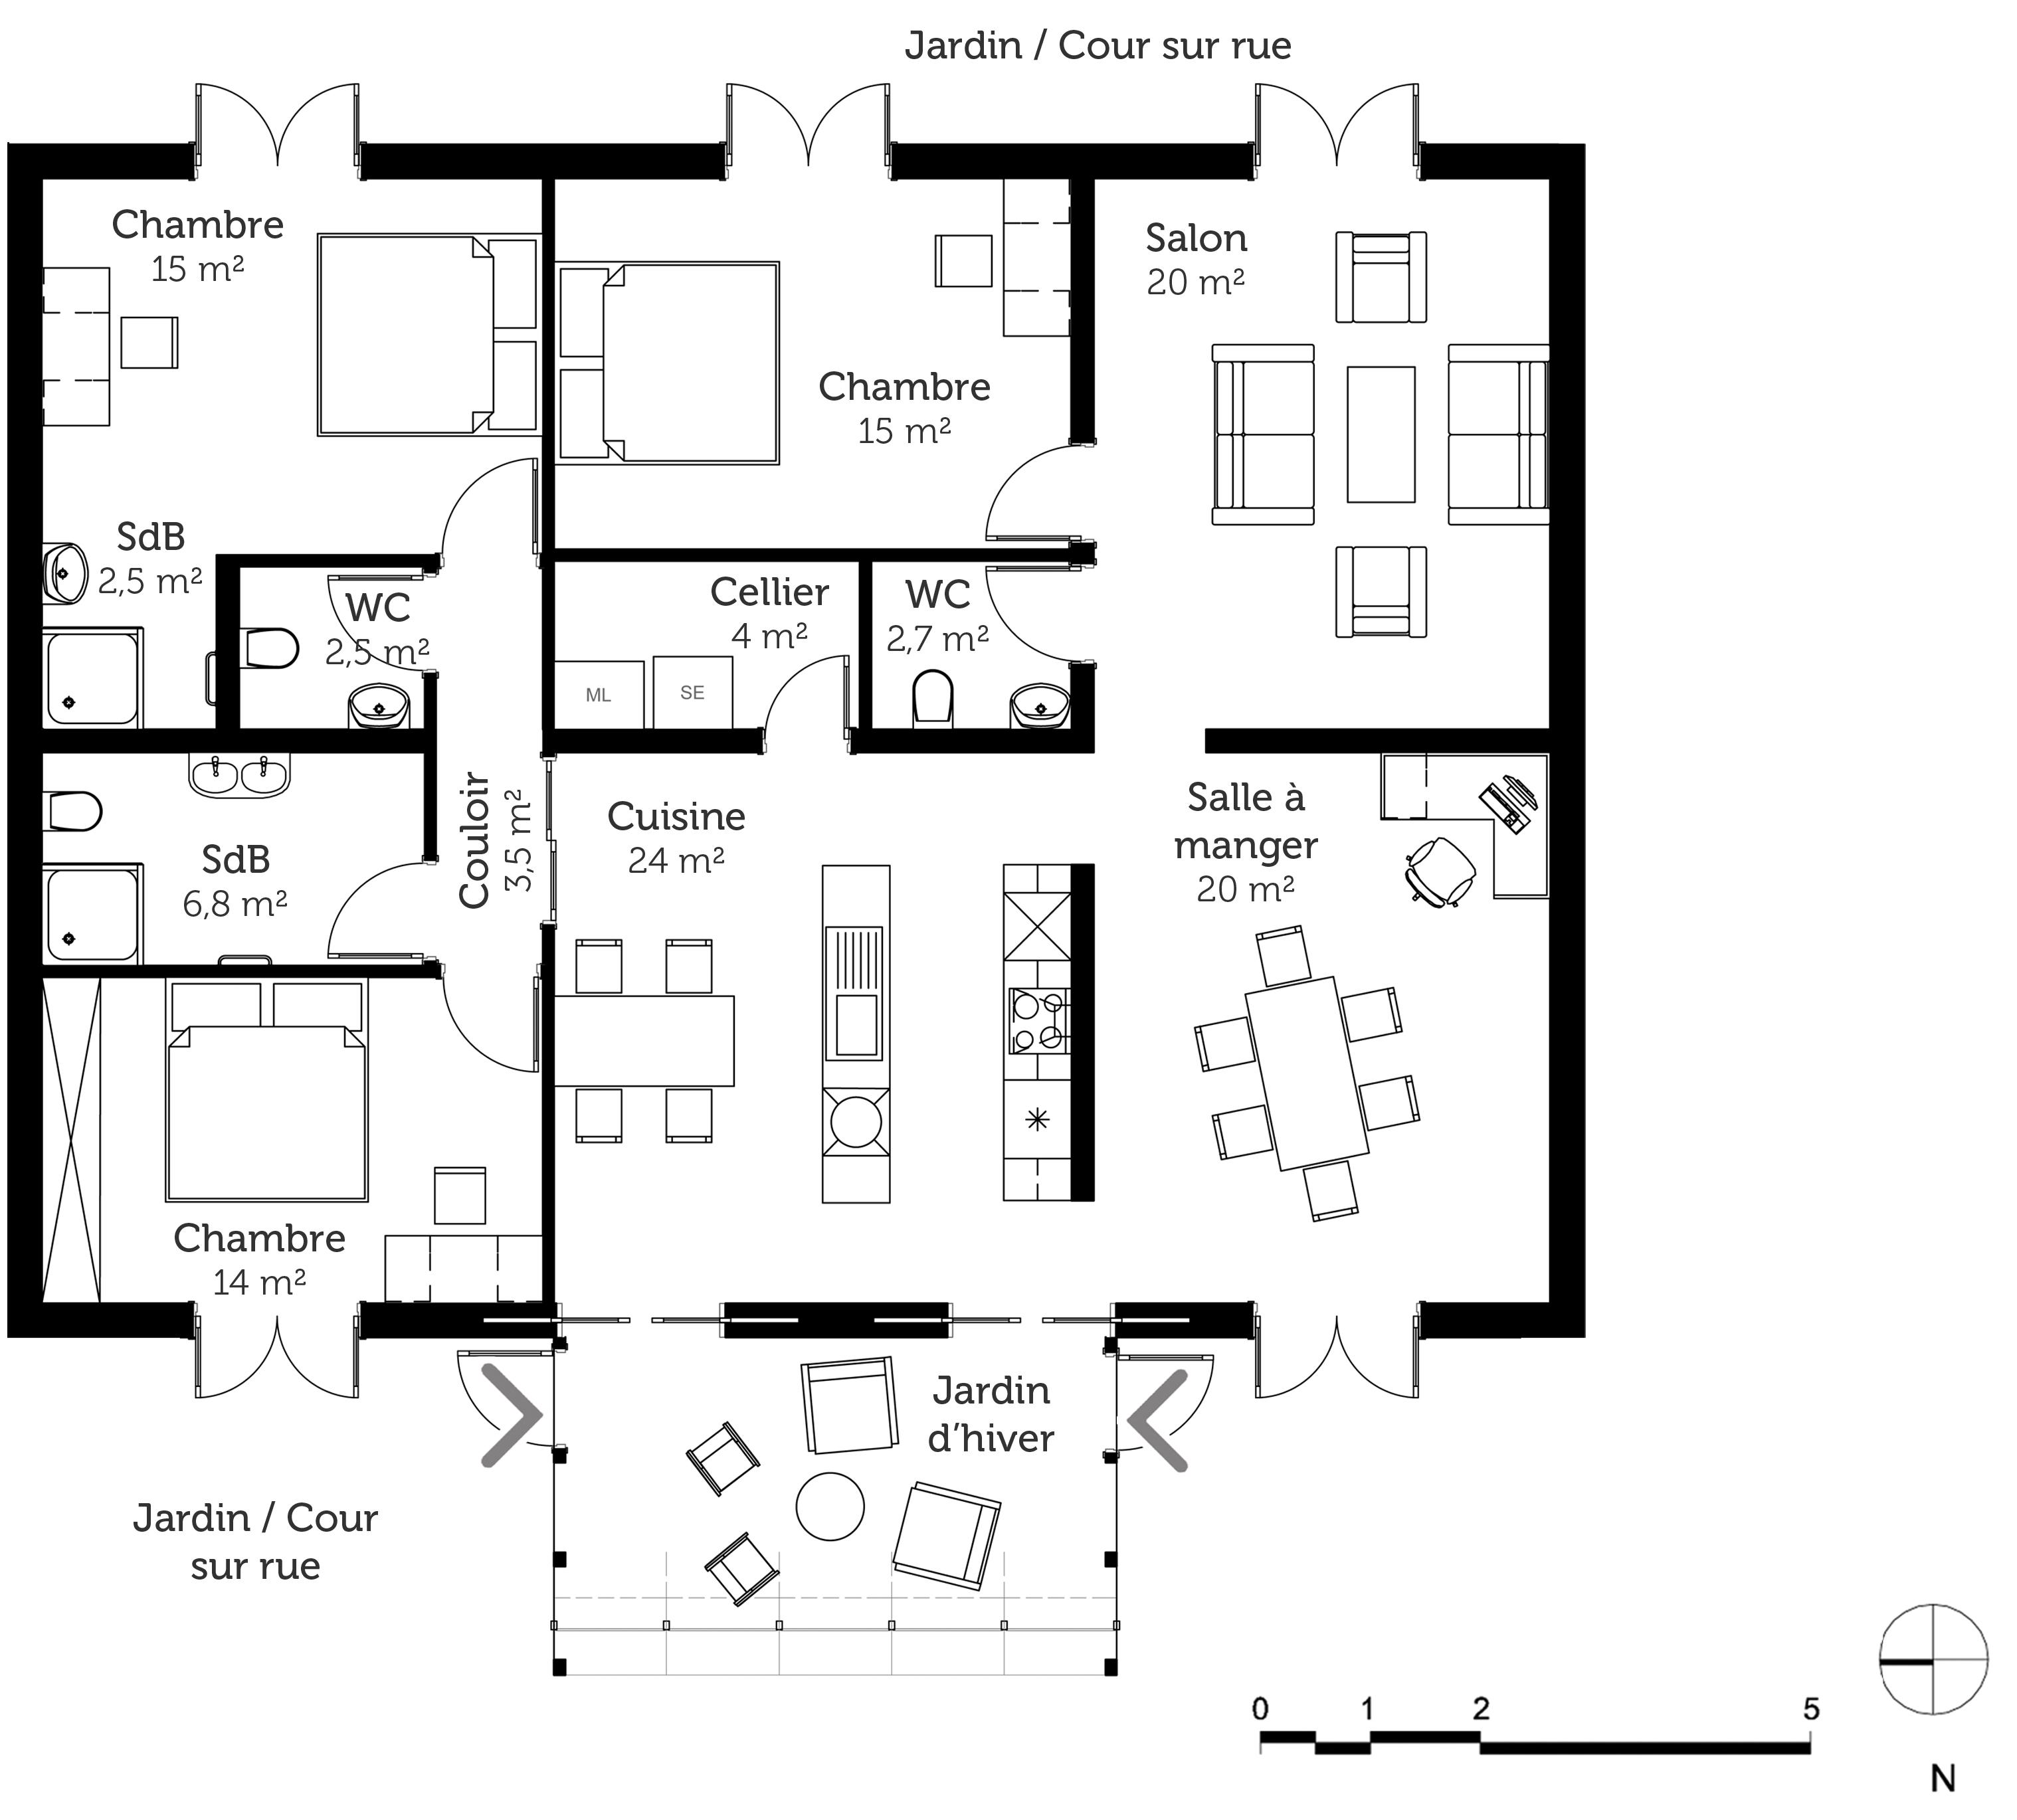 Plan maison avec jardin d 39 hiver ooreka for Plan belle maison